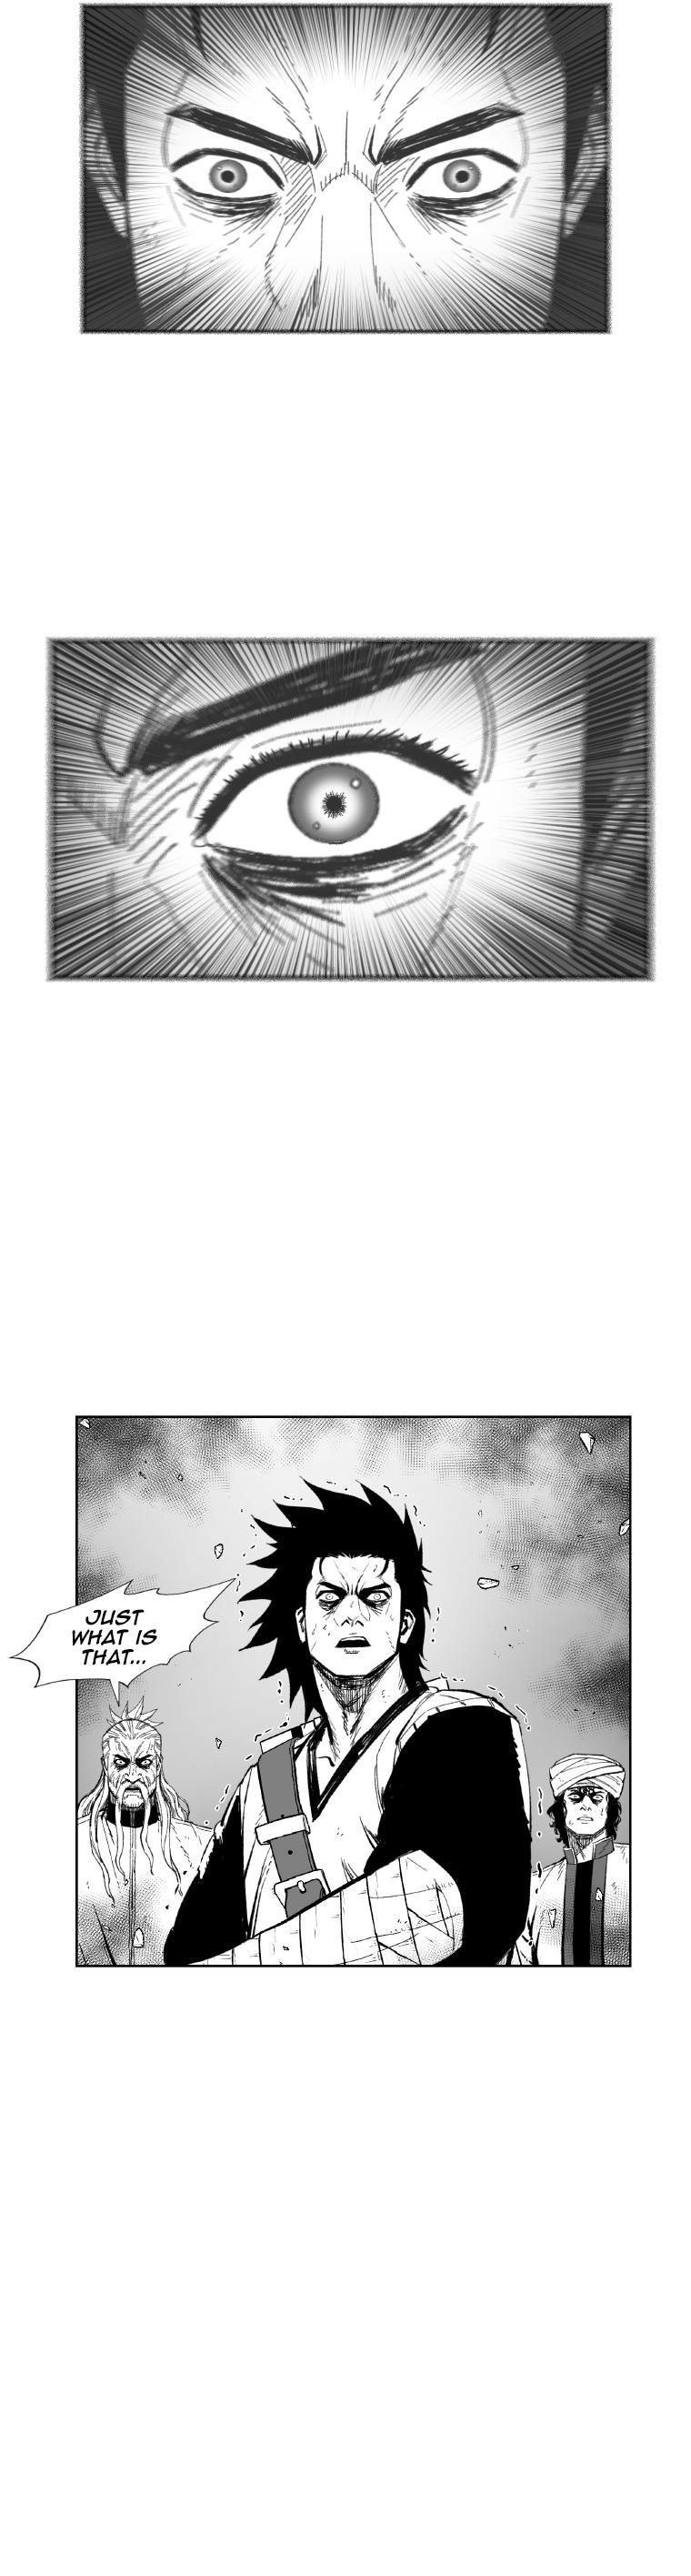 Red Storm Vol.16 Chapter 363 page 8 - Mangakakalots.com